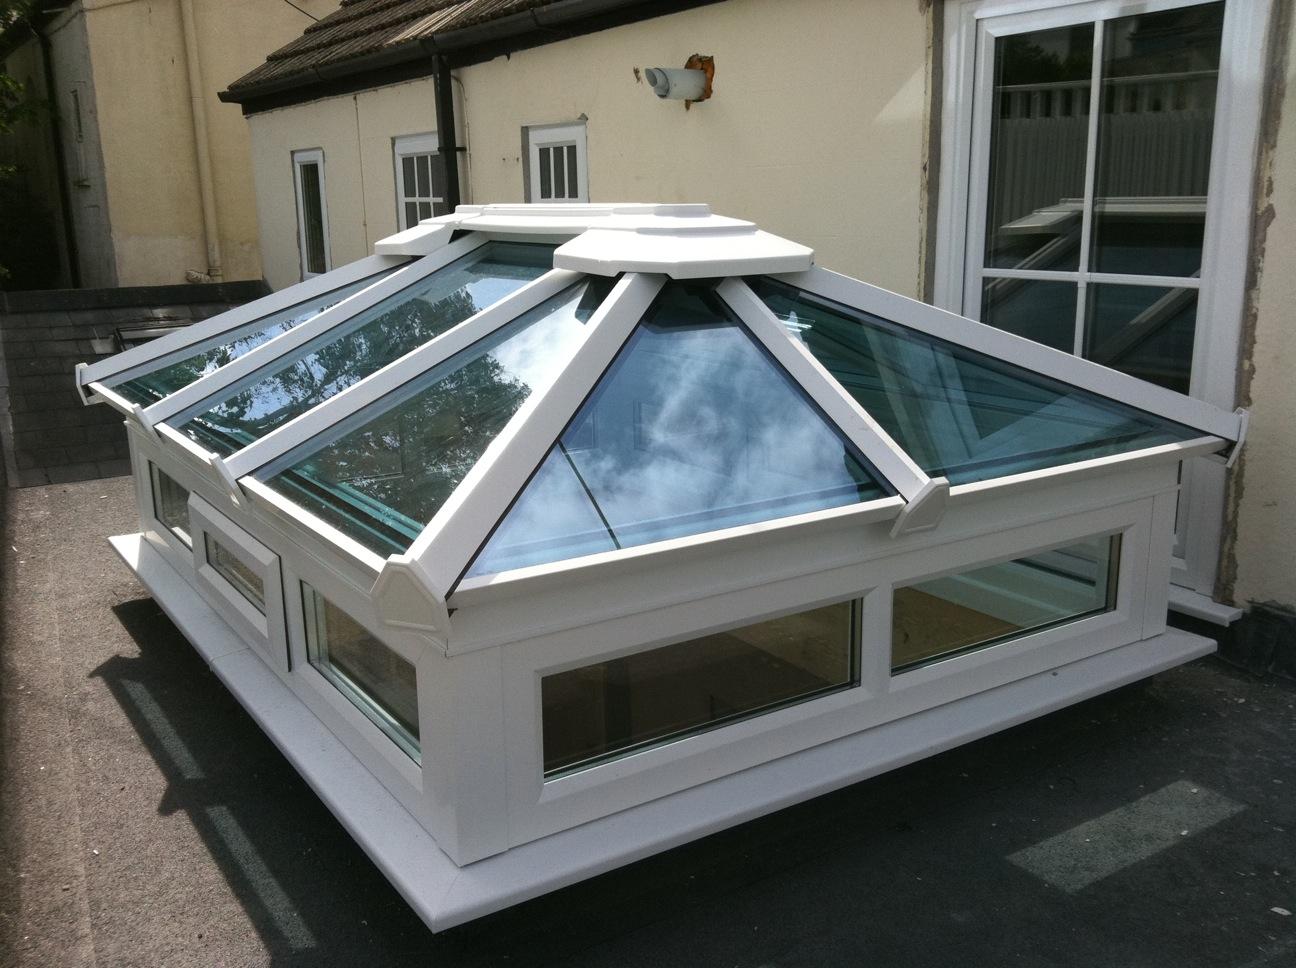 atap kaca tempered yang sesuai untuk canopy rumah anda